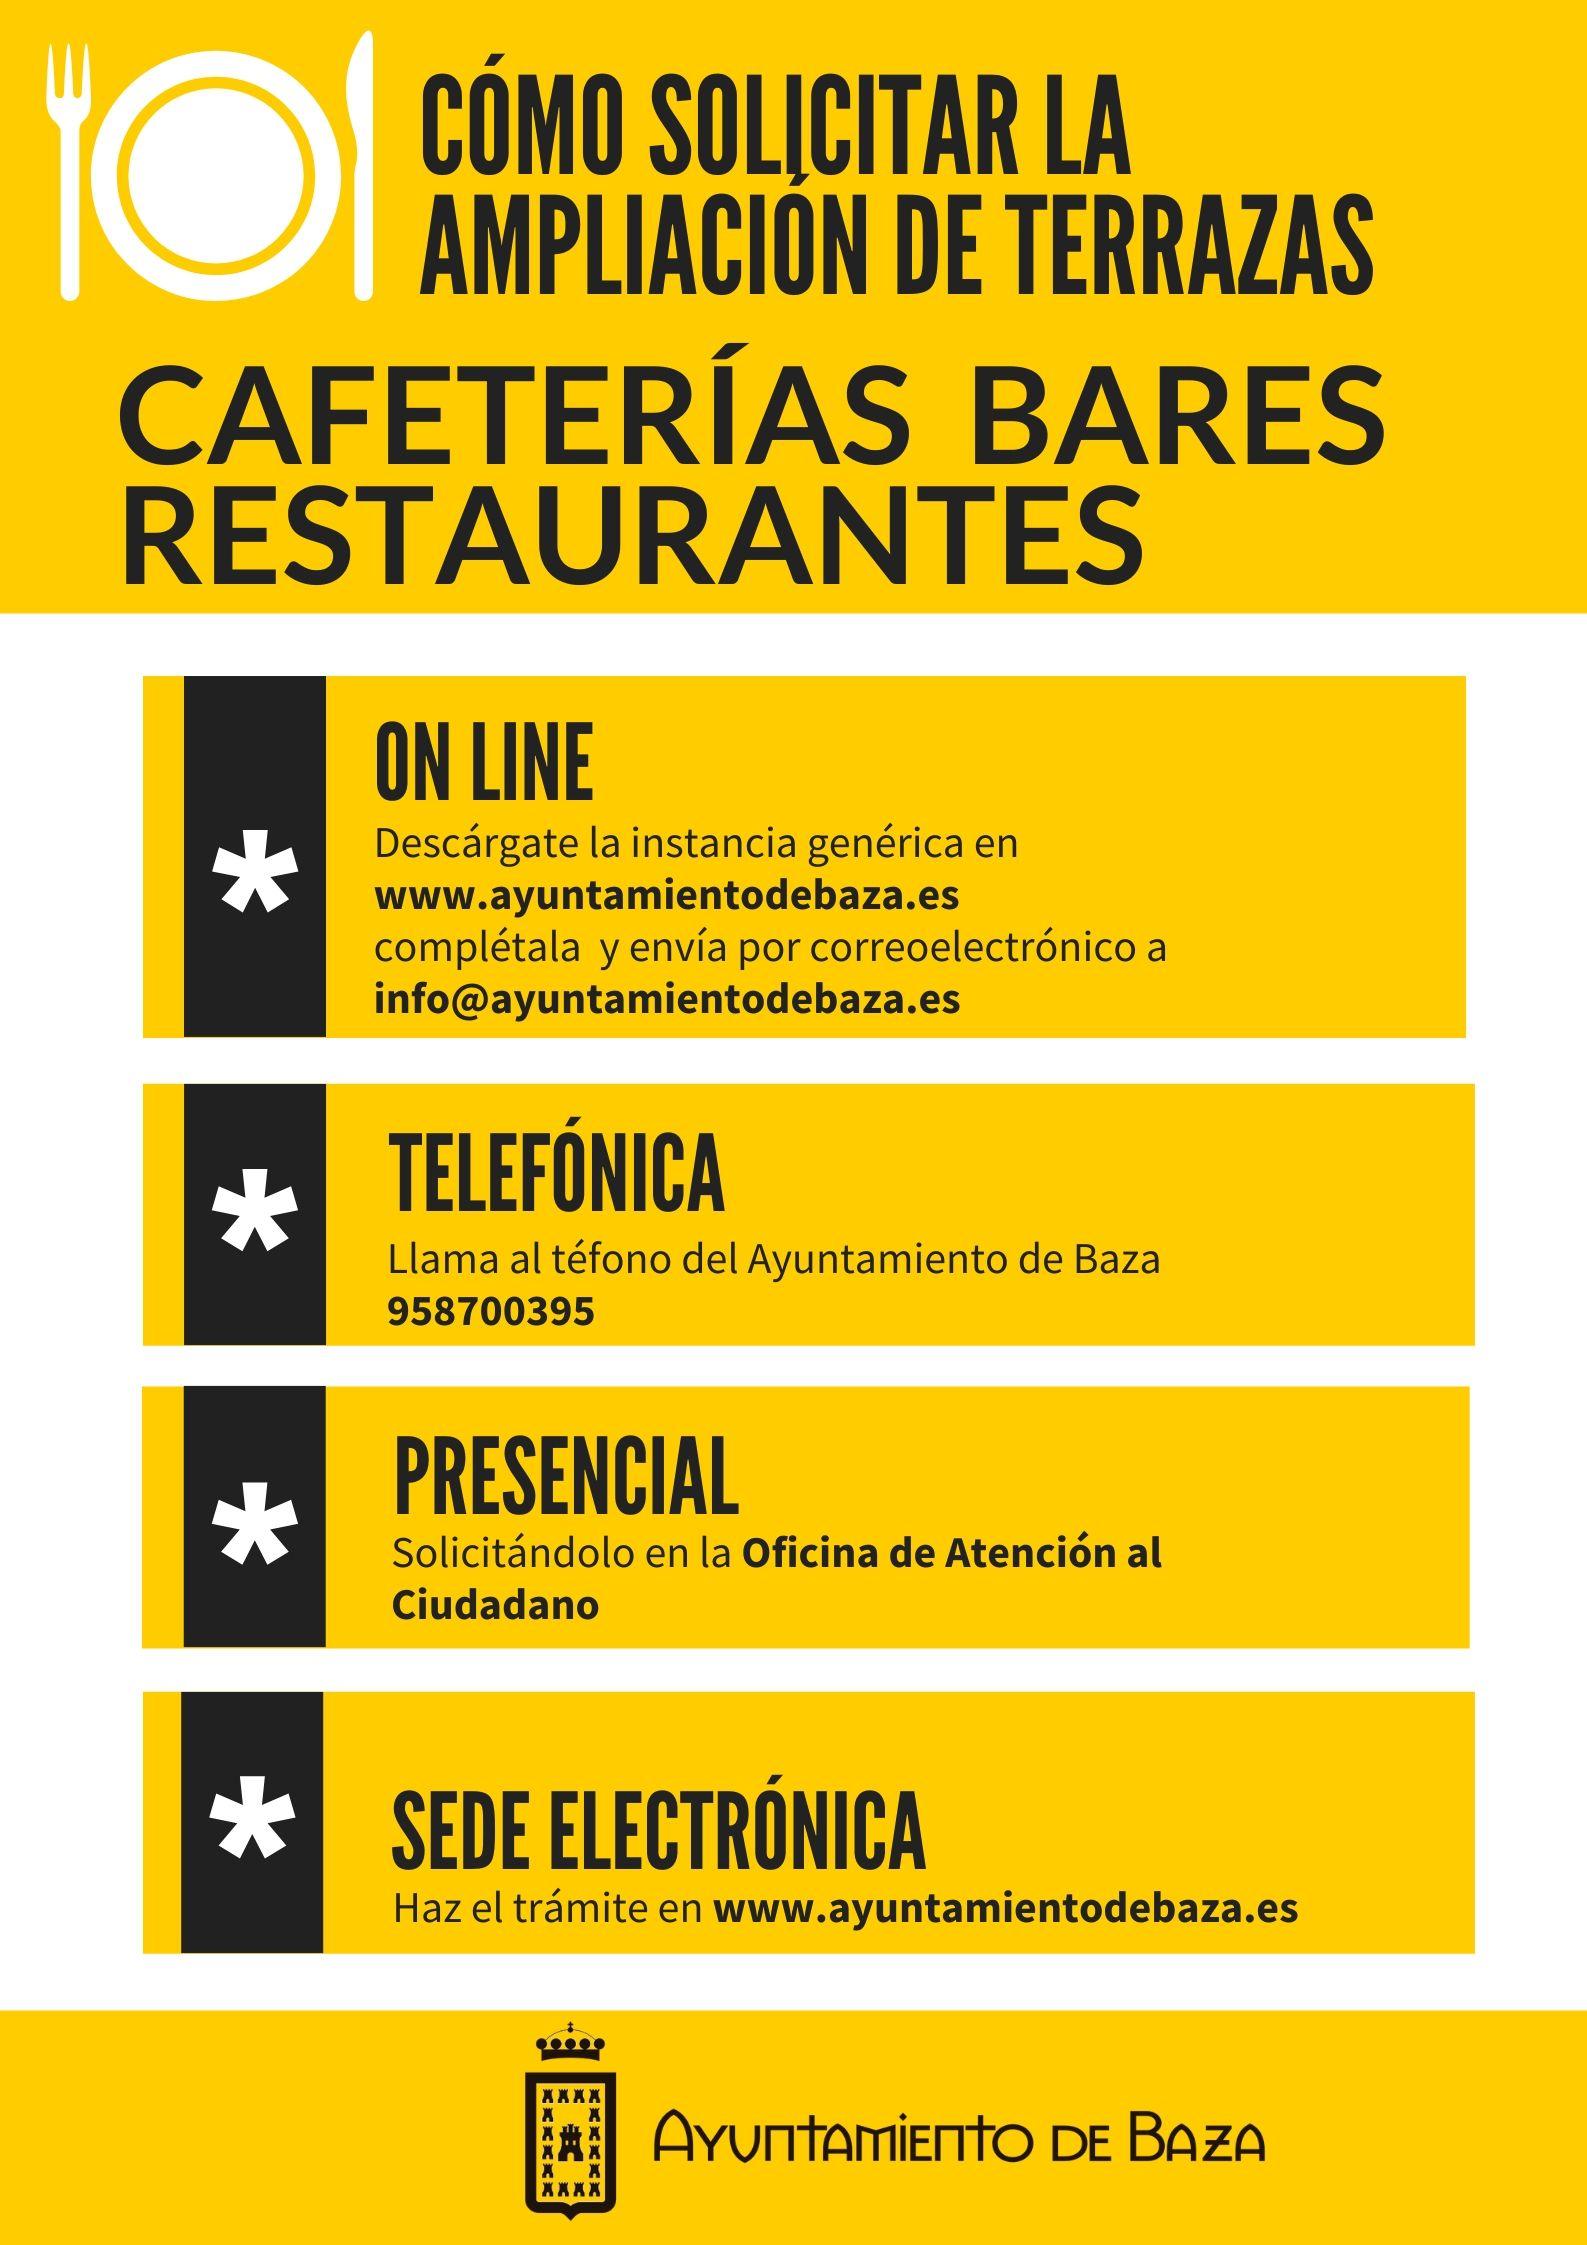 Cartel de indicaciones para ampliar las terrazas de bares, restaurantes y cafeterías en Baza